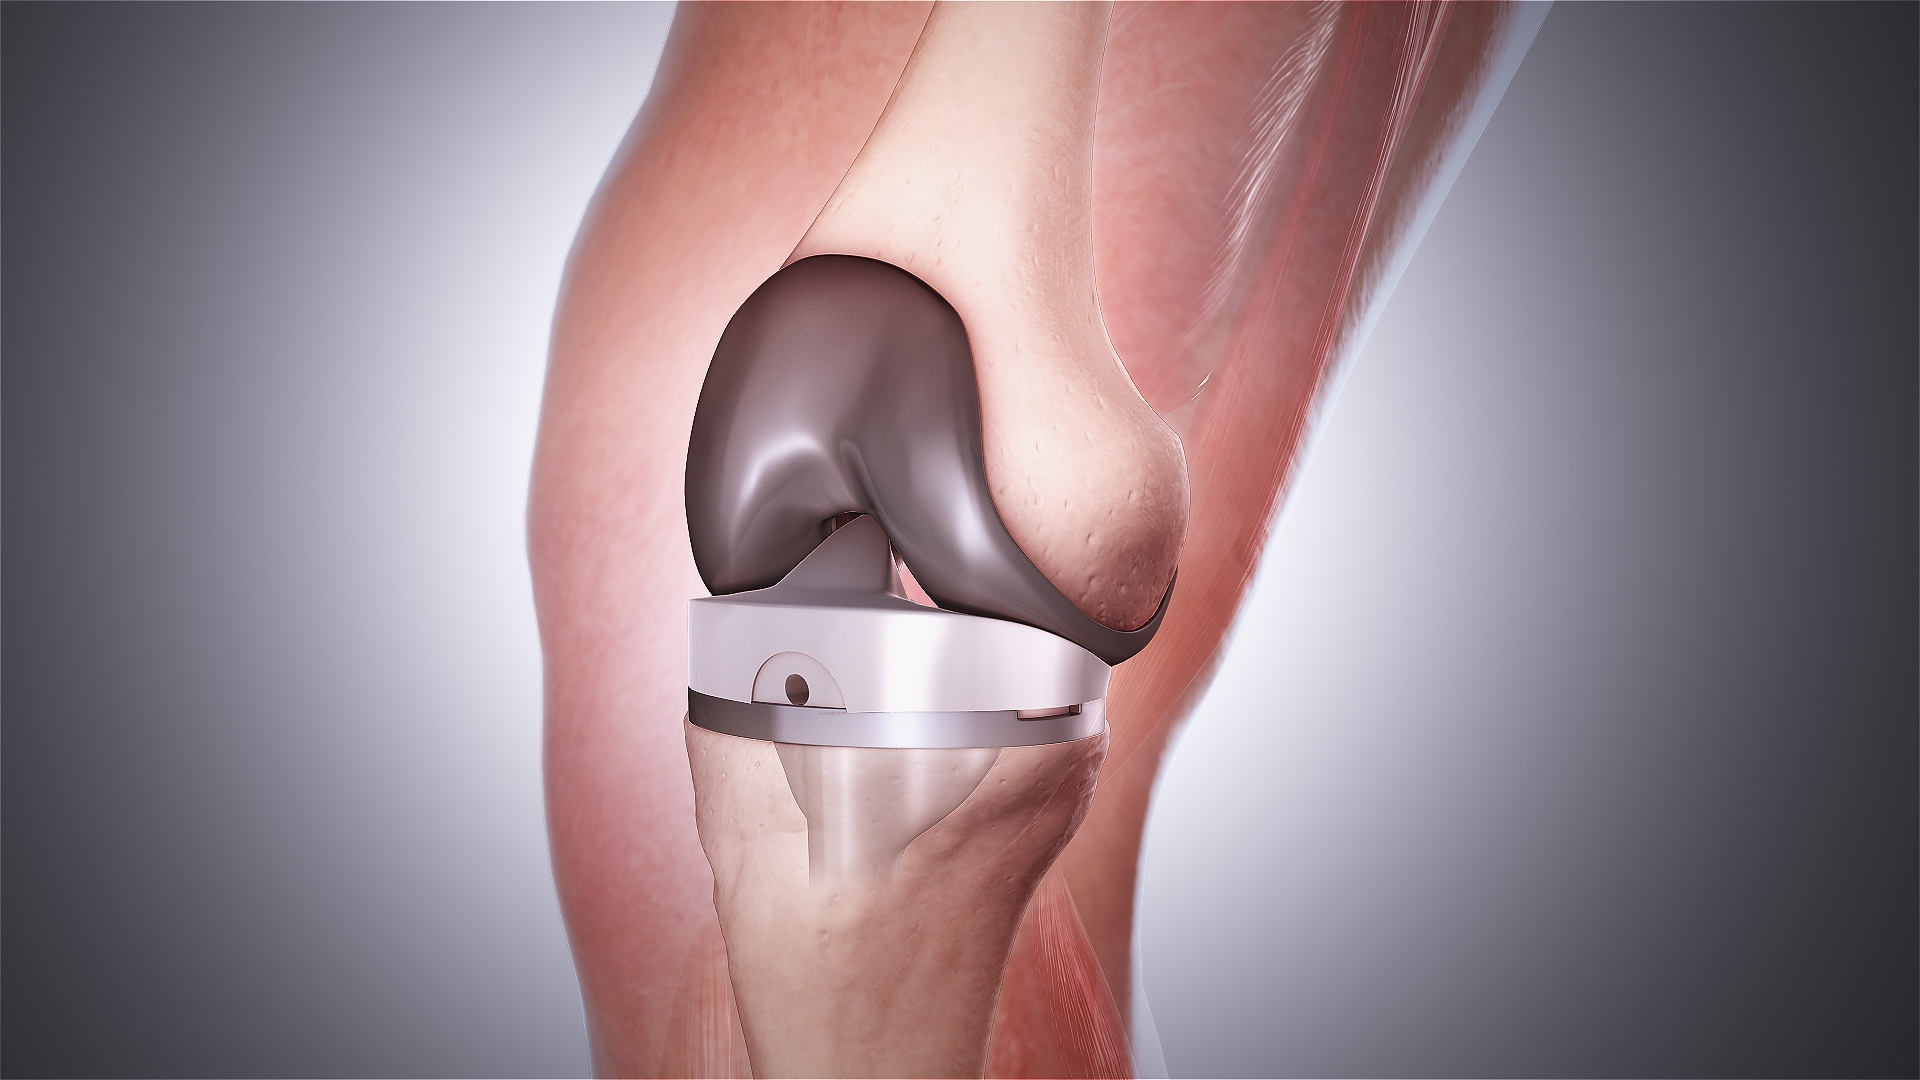 Питание после операции эндопротезирования тазобедренного сустава лечение артроза коленного сустава магнитами